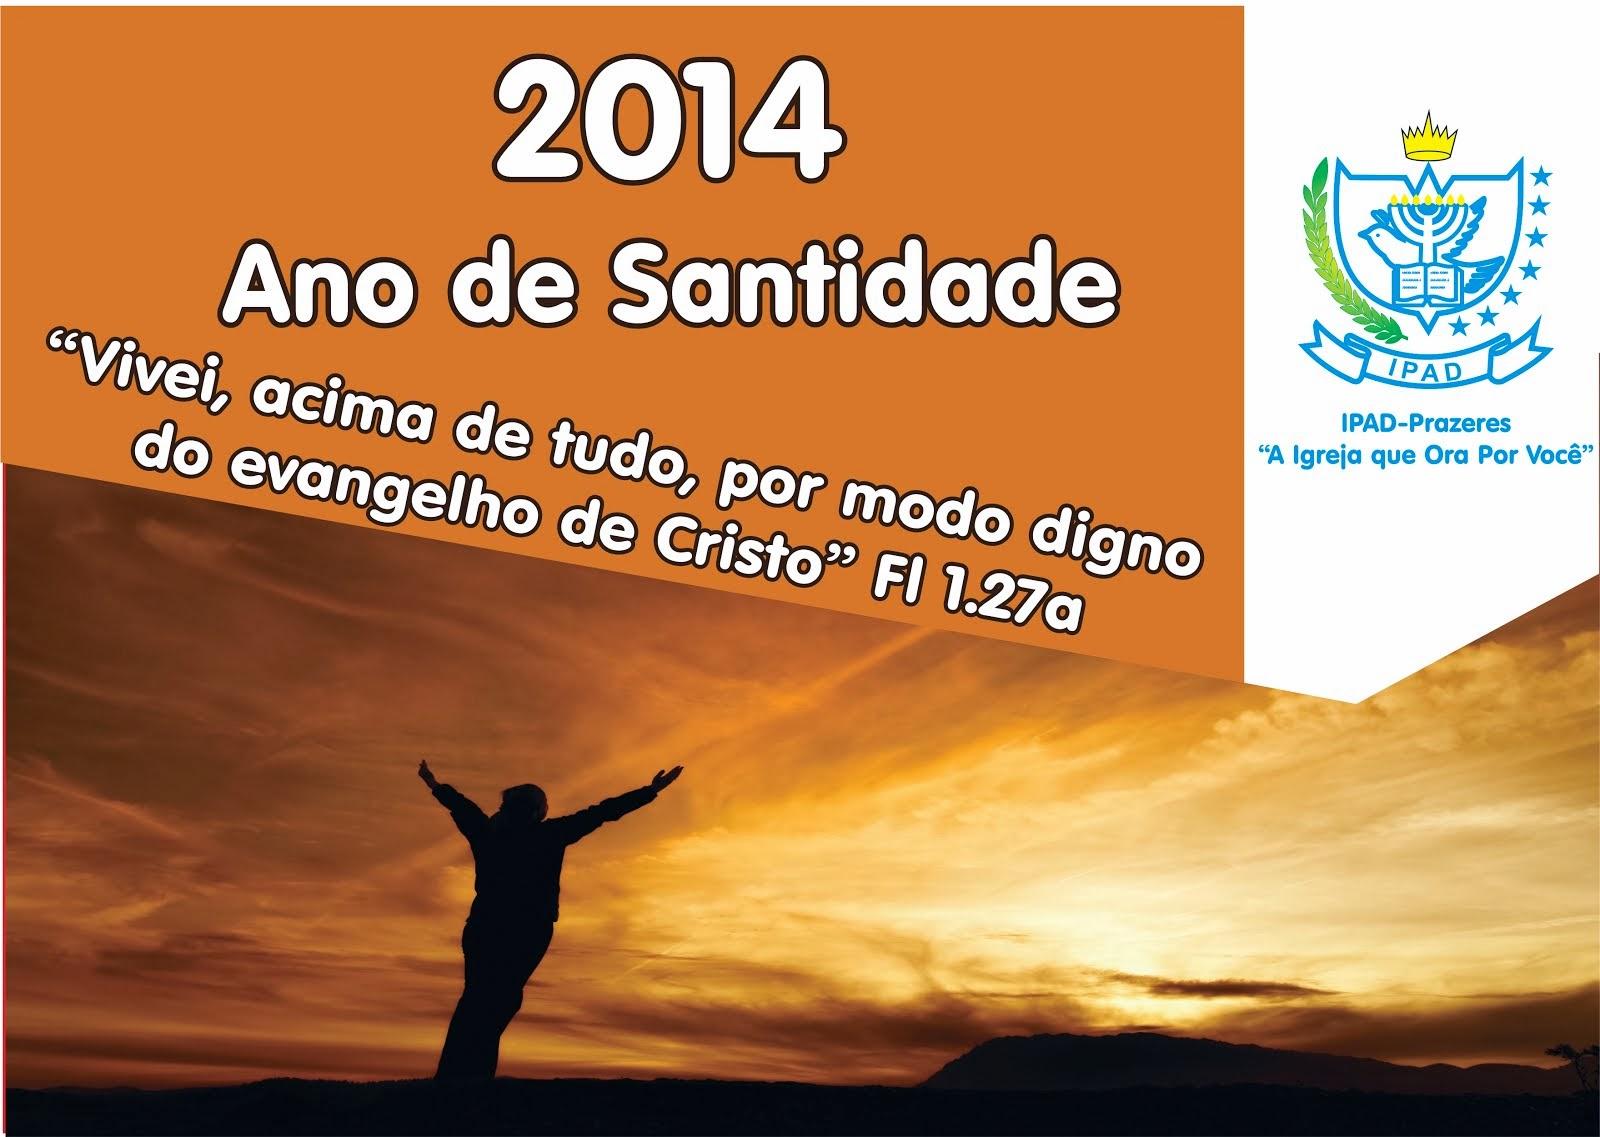 2014 - Ano de Santidade